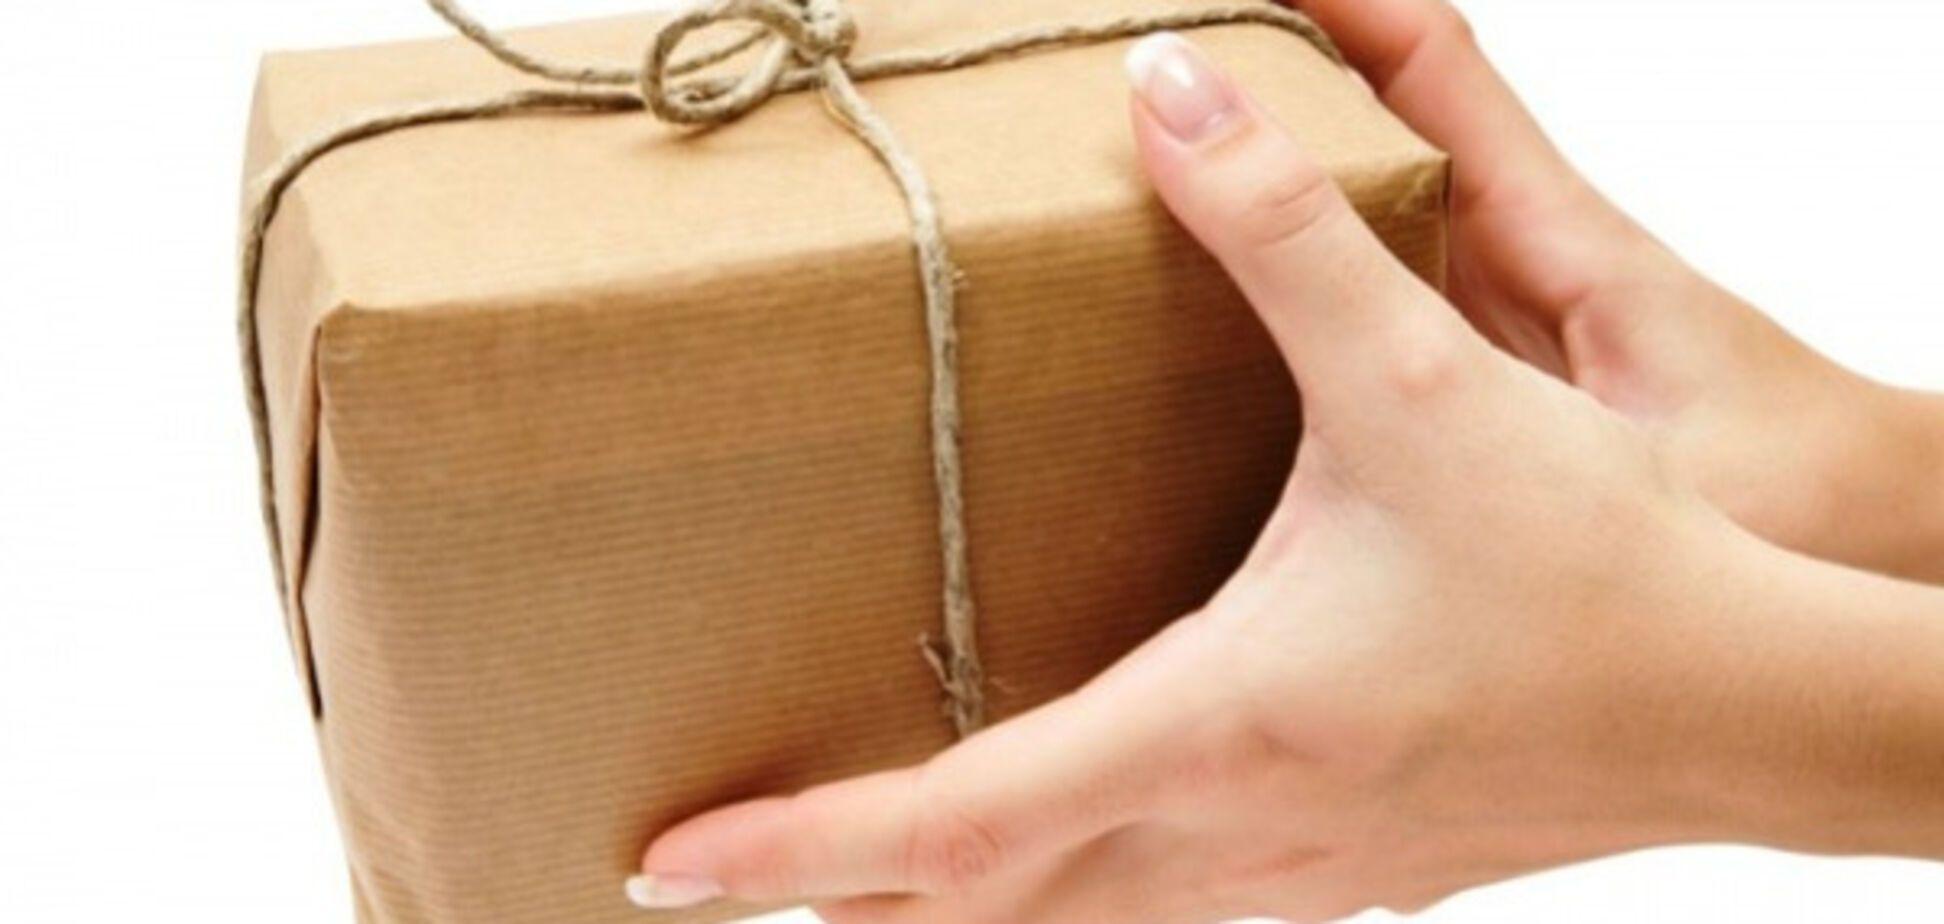 Опасный эксперимент: одессита отправили по почте